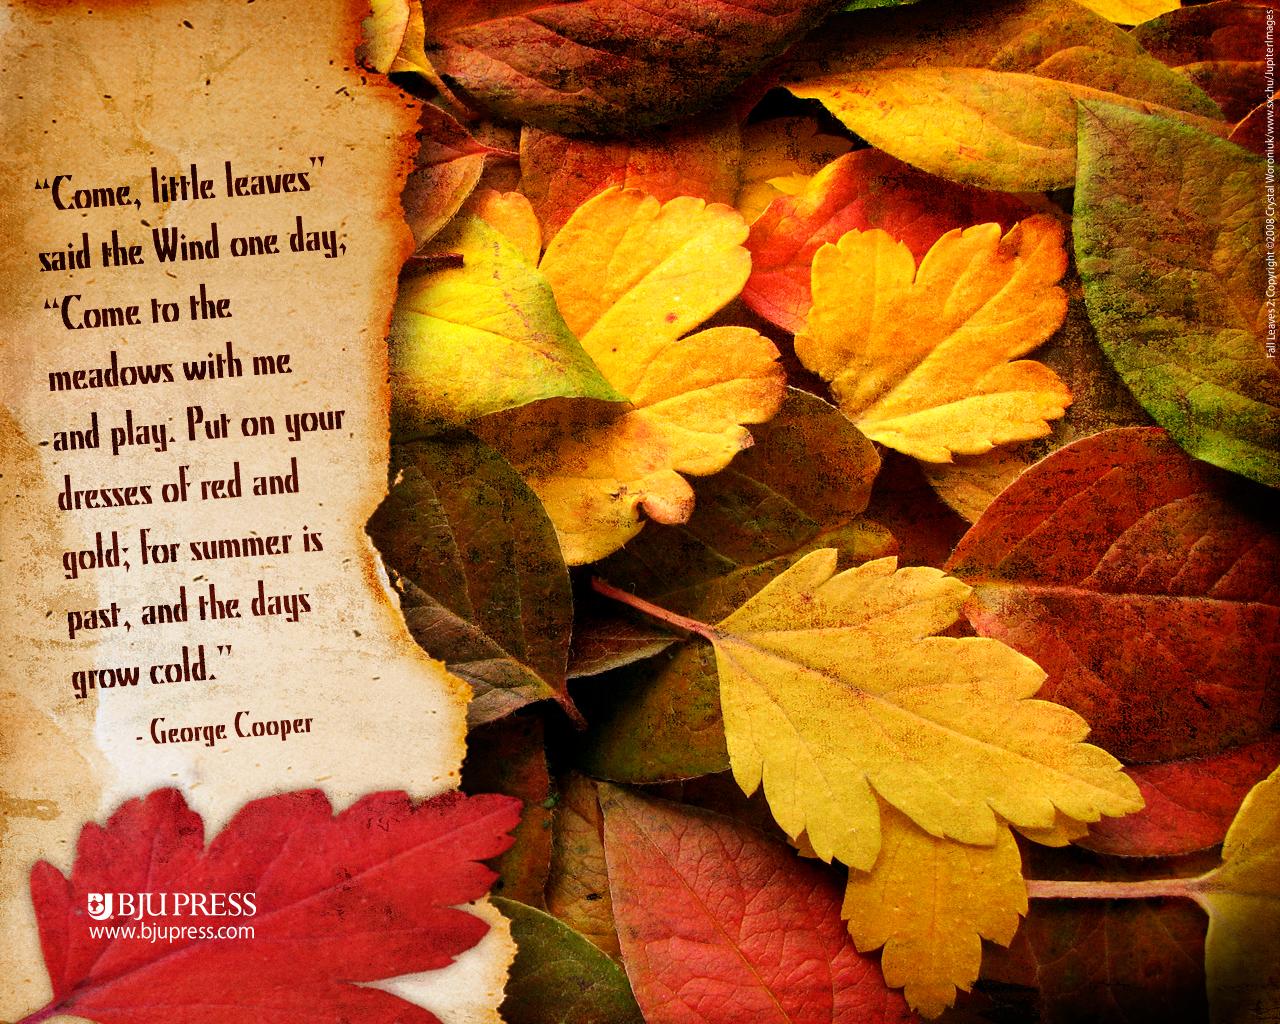 http://2.bp.blogspot.com/-2yUUsHpsl6g/UDRIZpTJJDI/AAAAAAAADm4/Z3dhAuUHpIM/s1600/Autumn-Leaves-Wallpaper.jpg